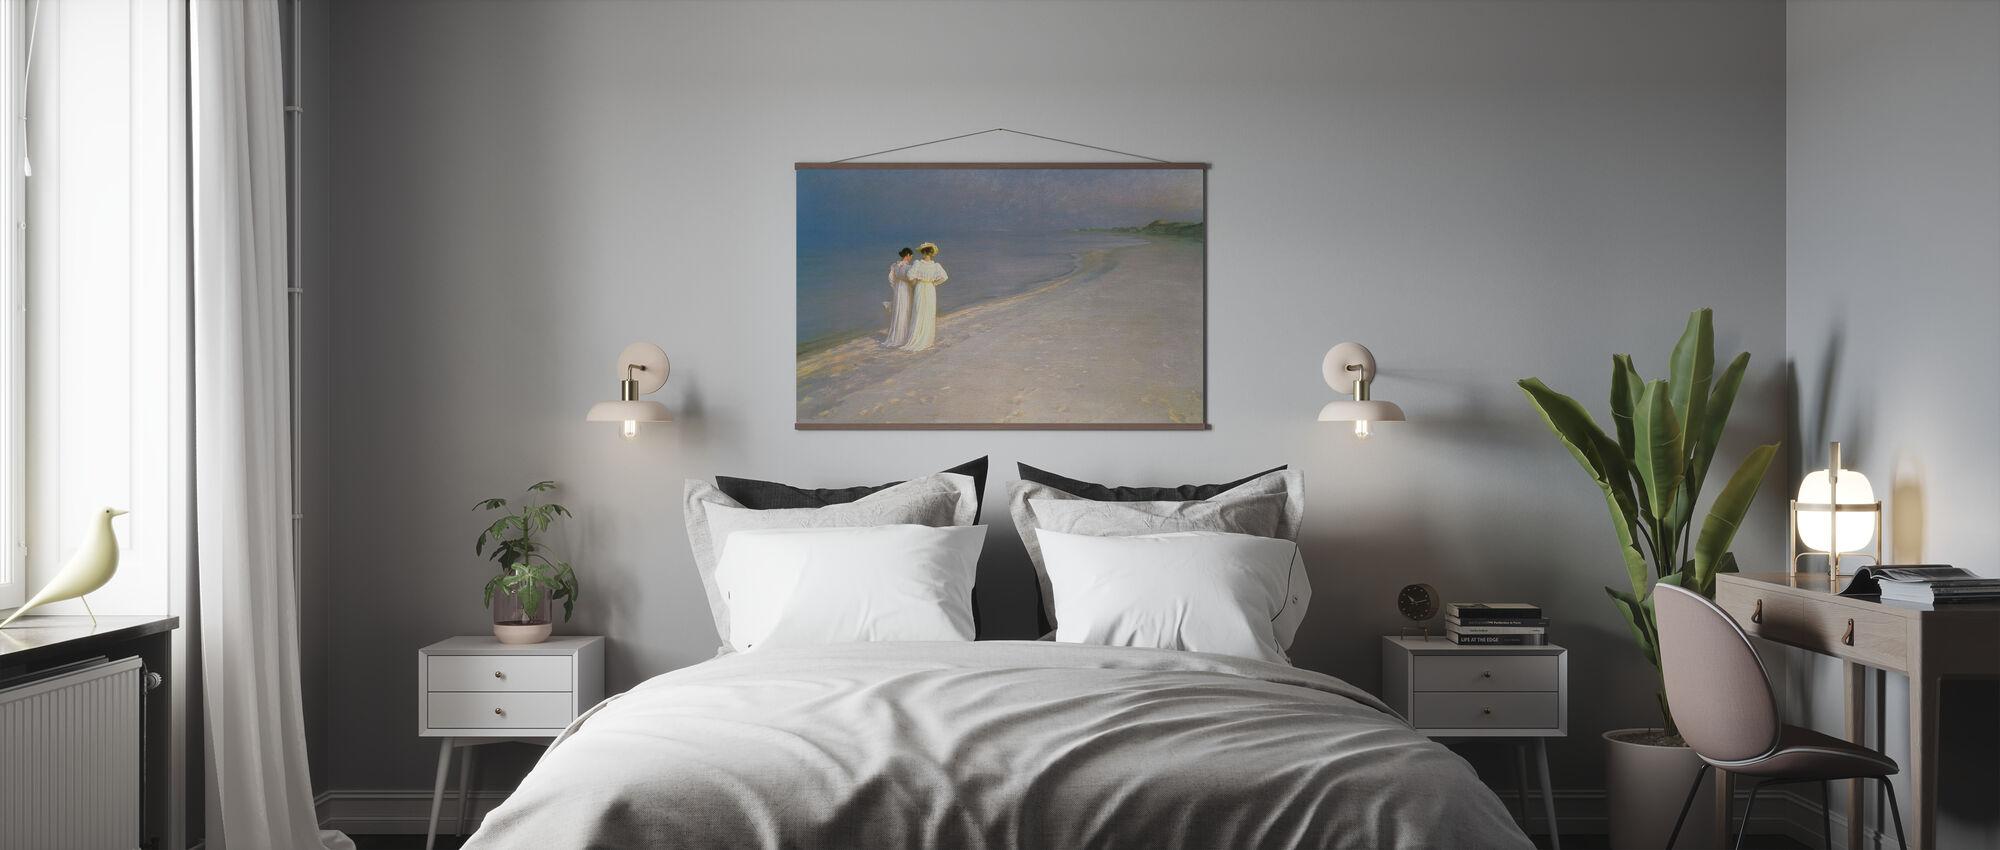 Sommerabend am Skagen Südstrand mit Anna Ancher und Marie Kroyer - Peder Severin Kroyer - Poster - Schlafzimmer